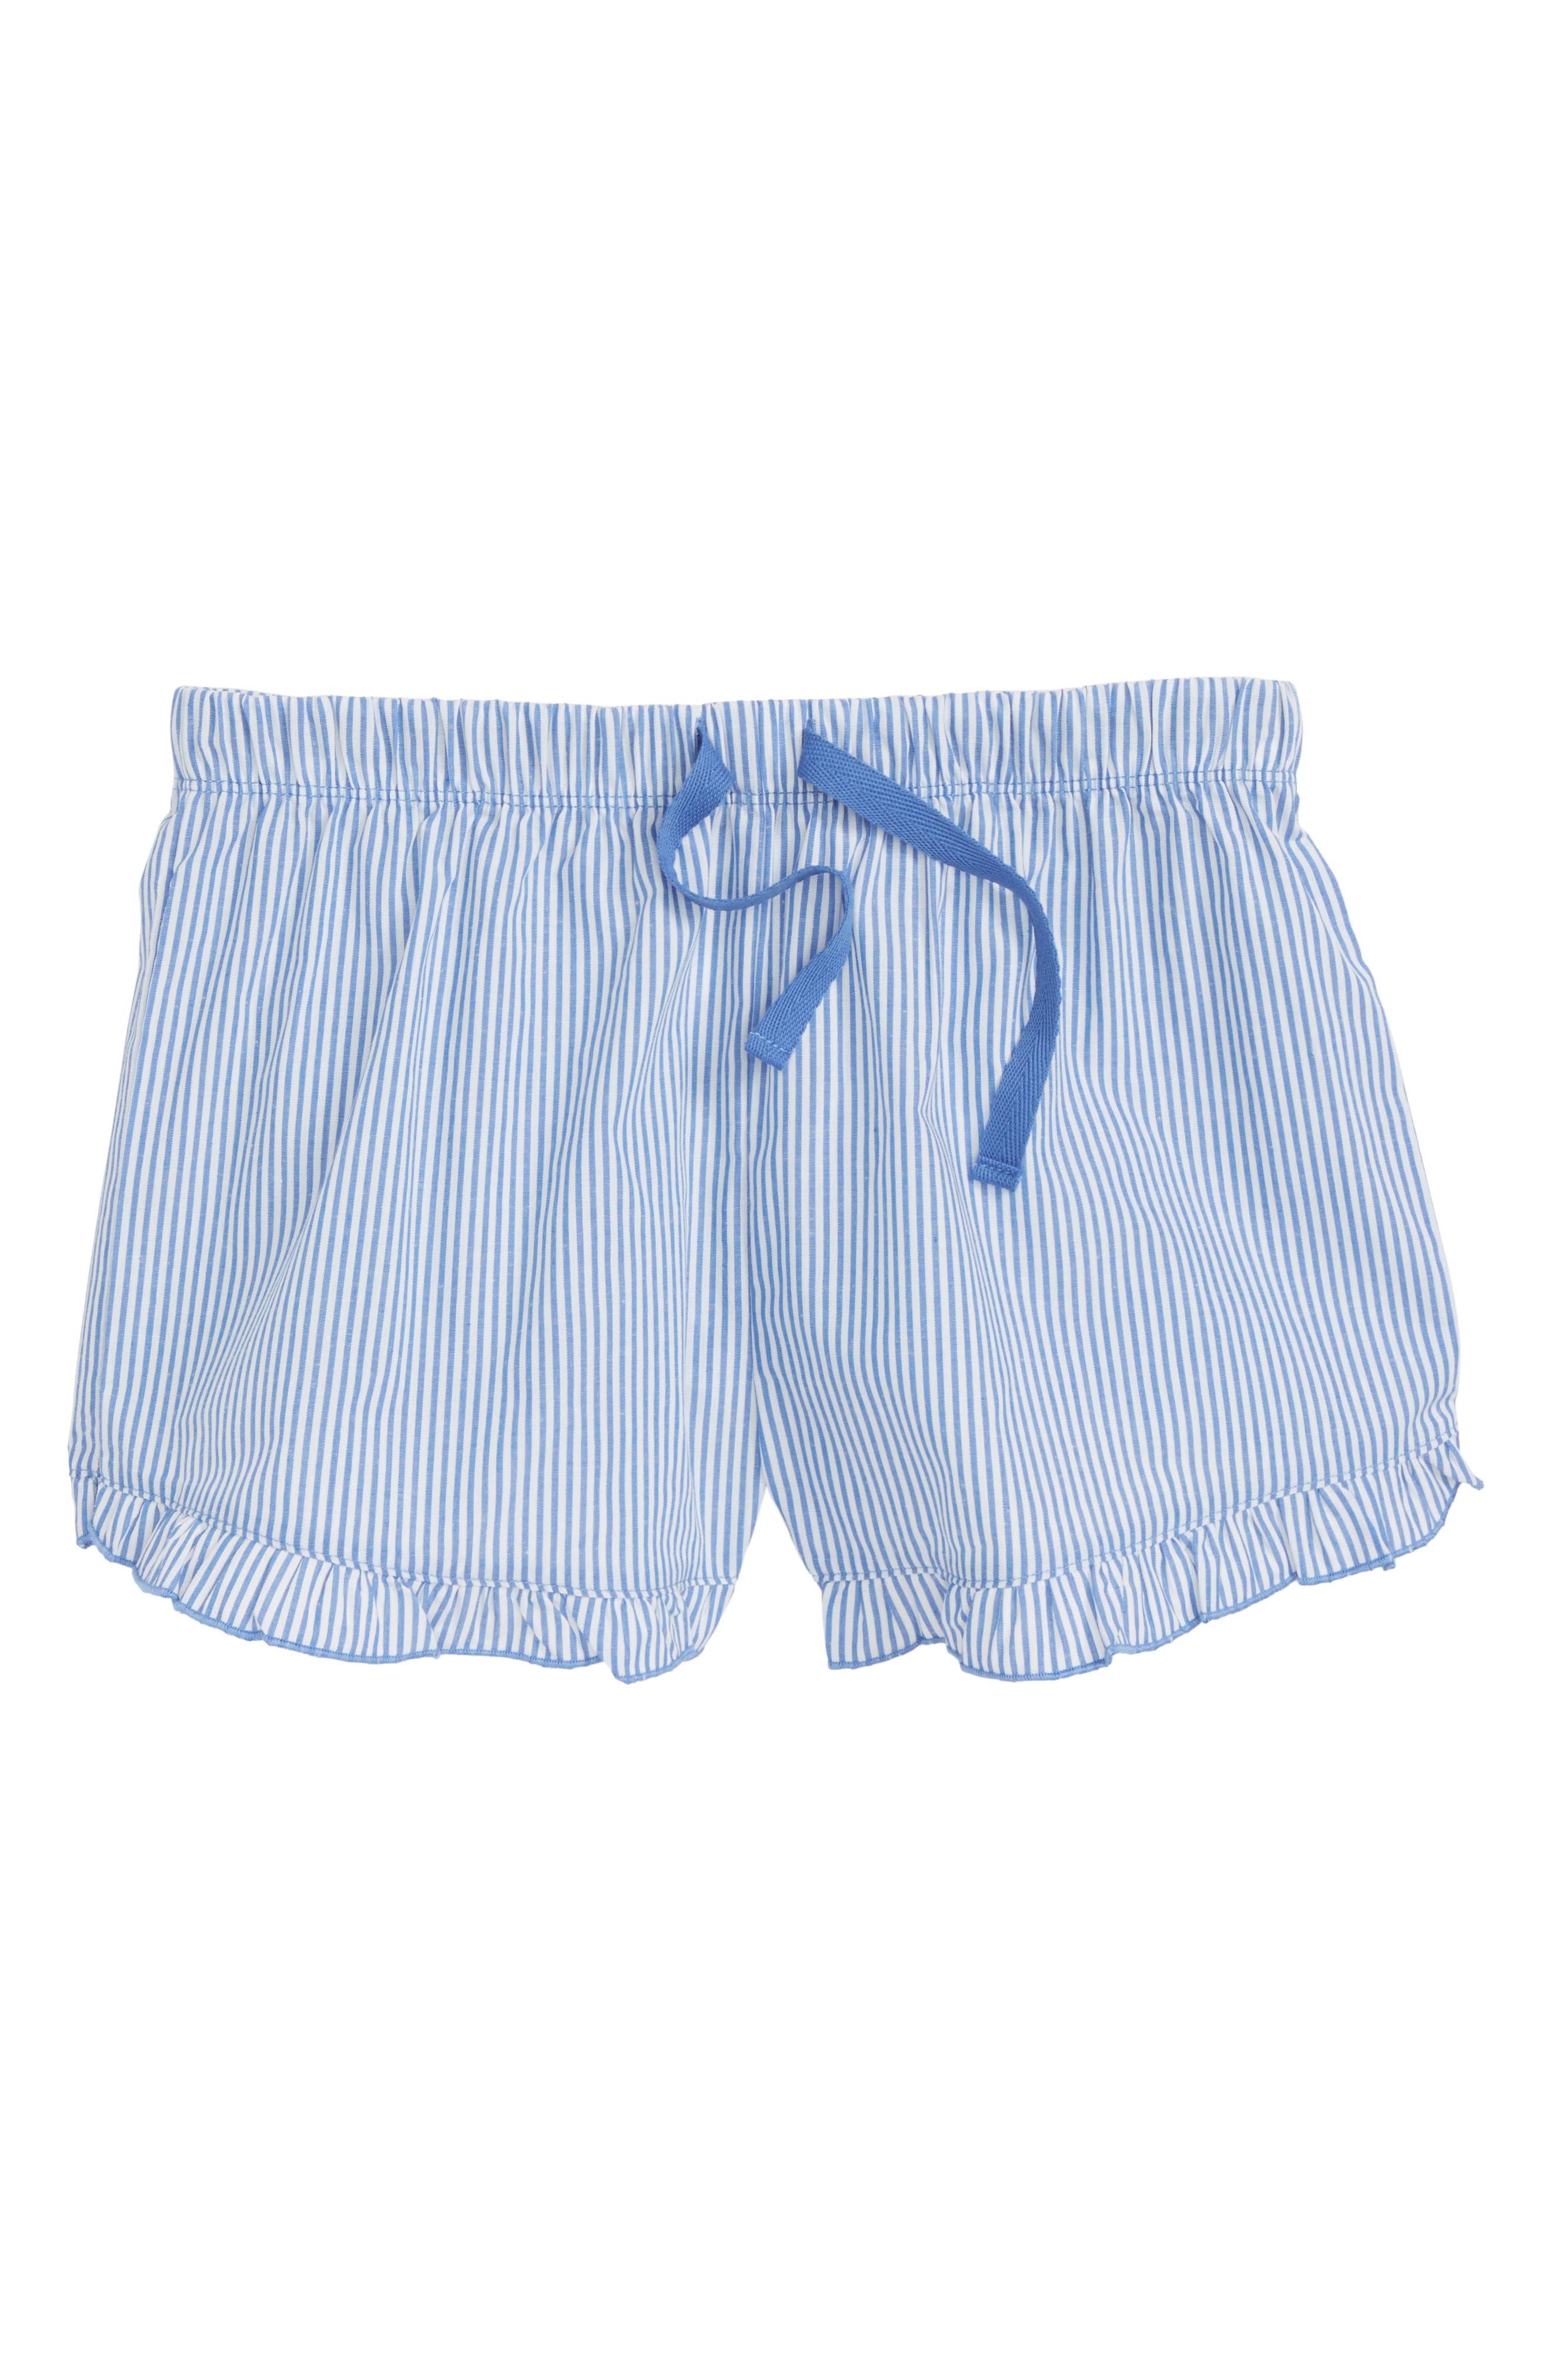 Ruffle Pajama Shorts,                         Main,                         color, 100